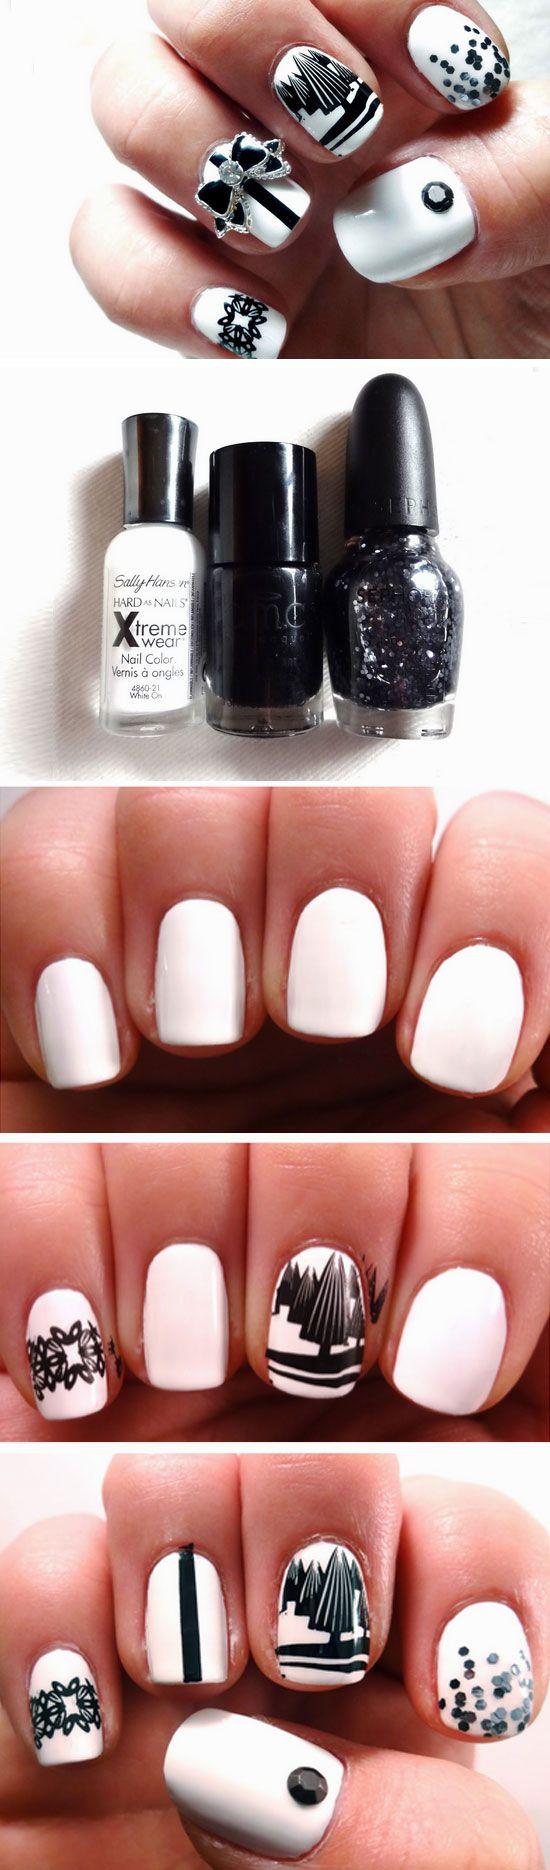 20 diy christmas nail art ideas for short nails short nails and 20 diy christmas nail art ideas for short nails prinsesfo Gallery